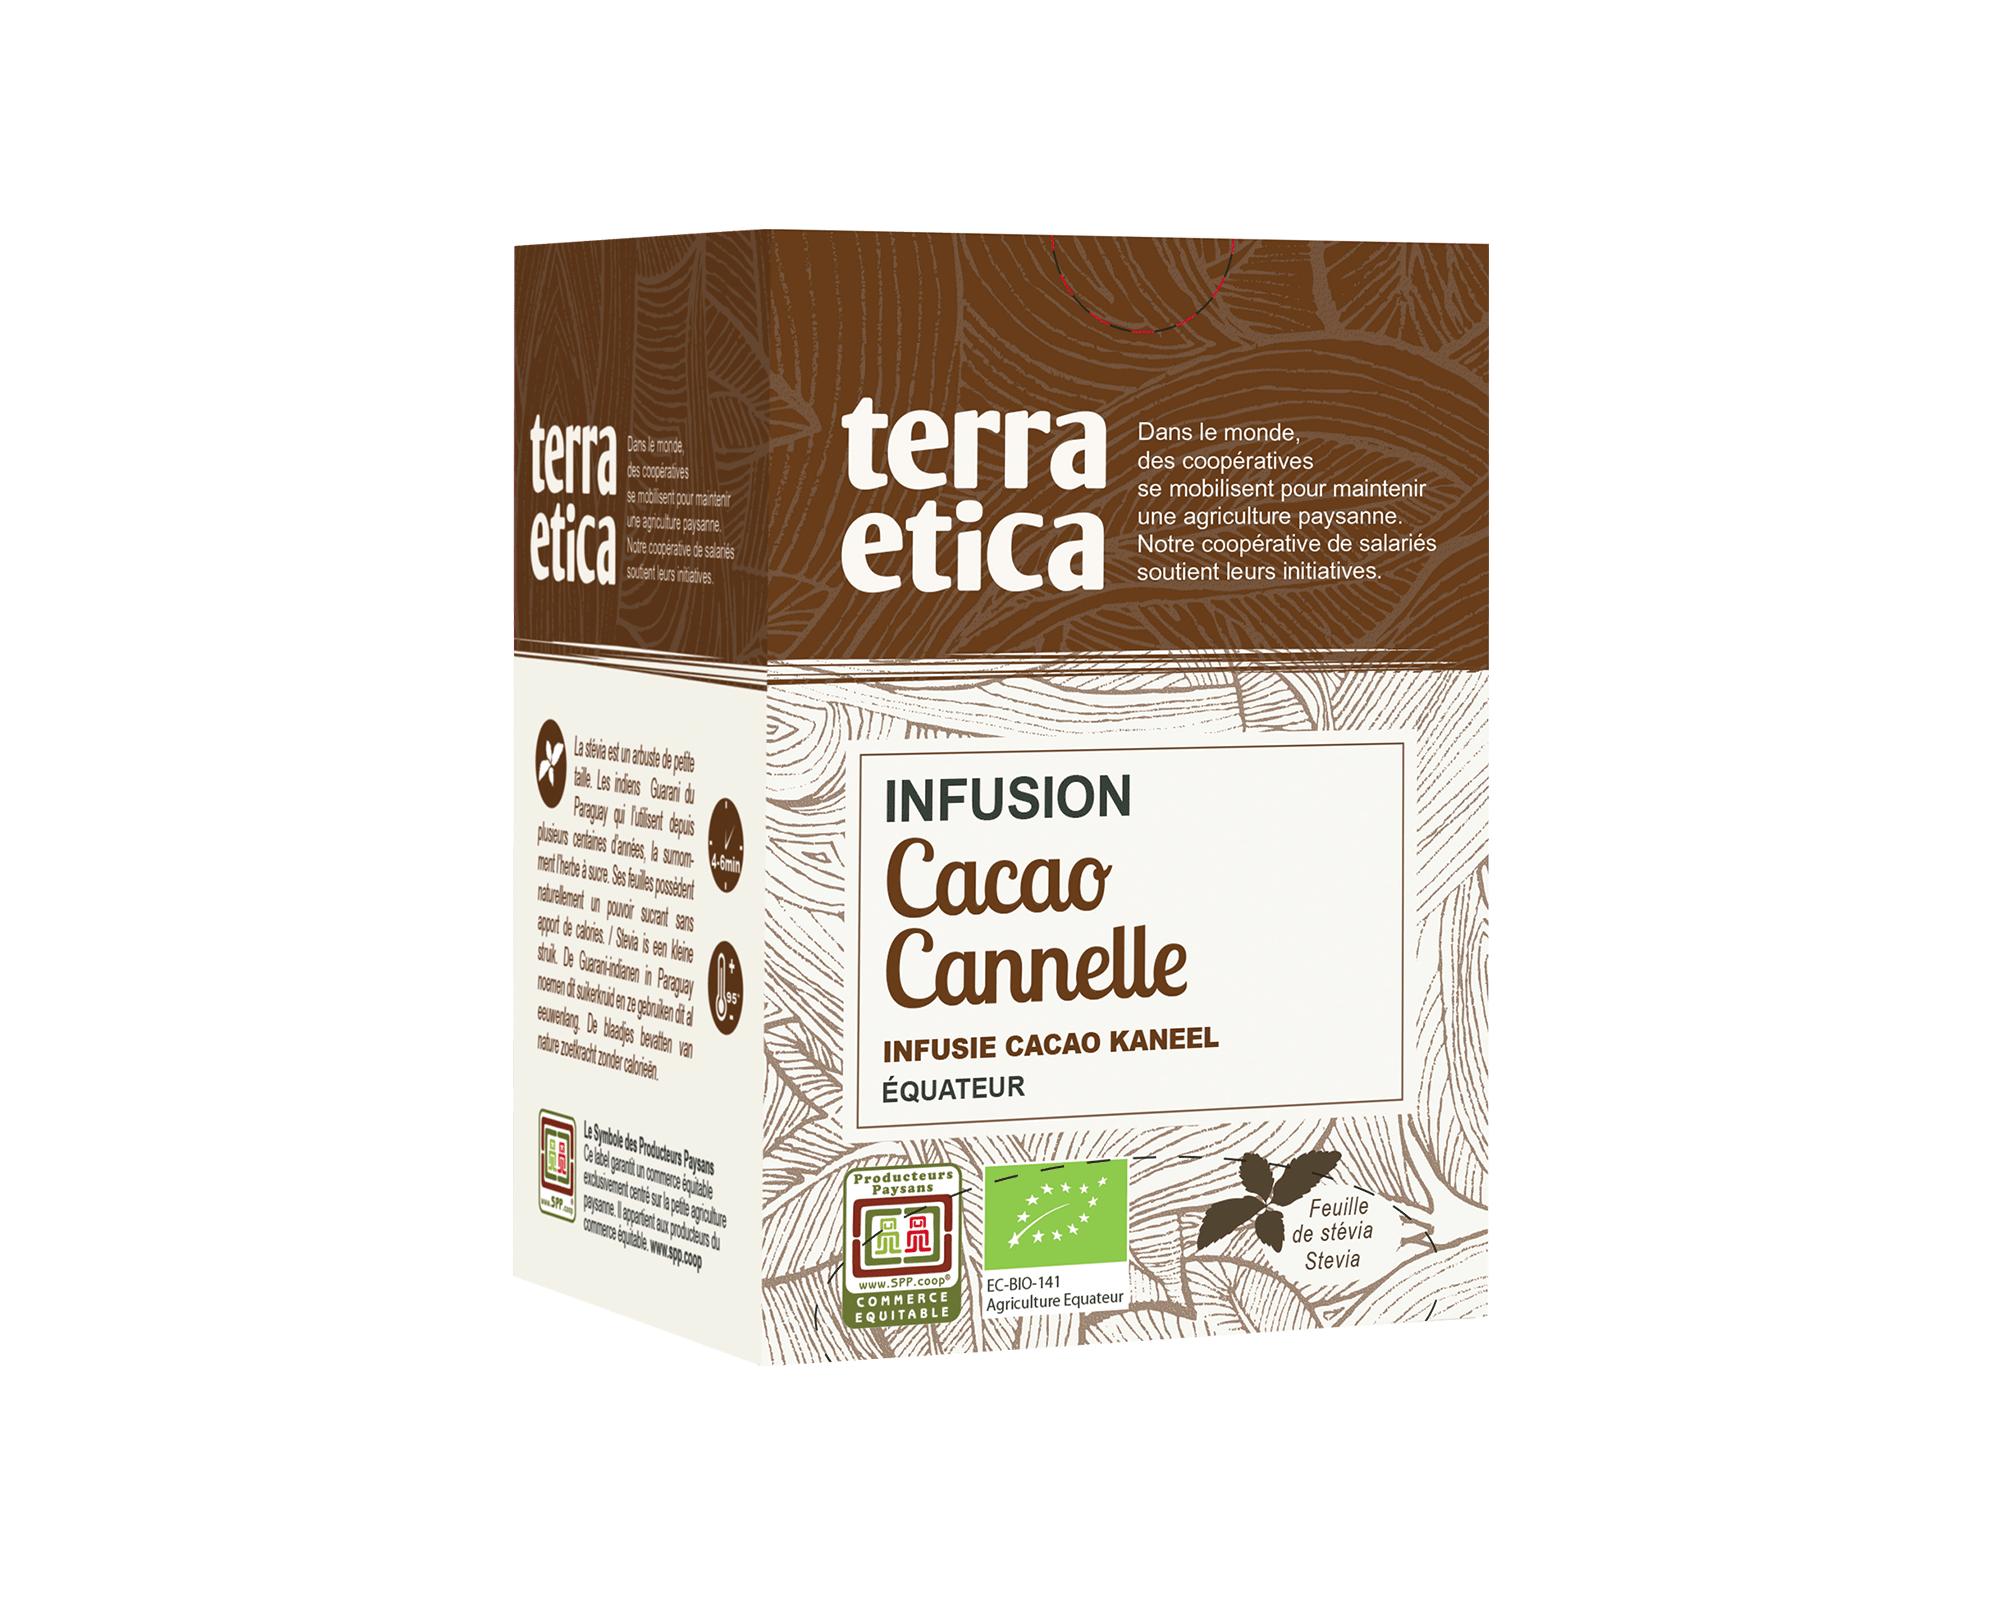 Infusion bio et équitable Cacao Cannelle I Terra Etica